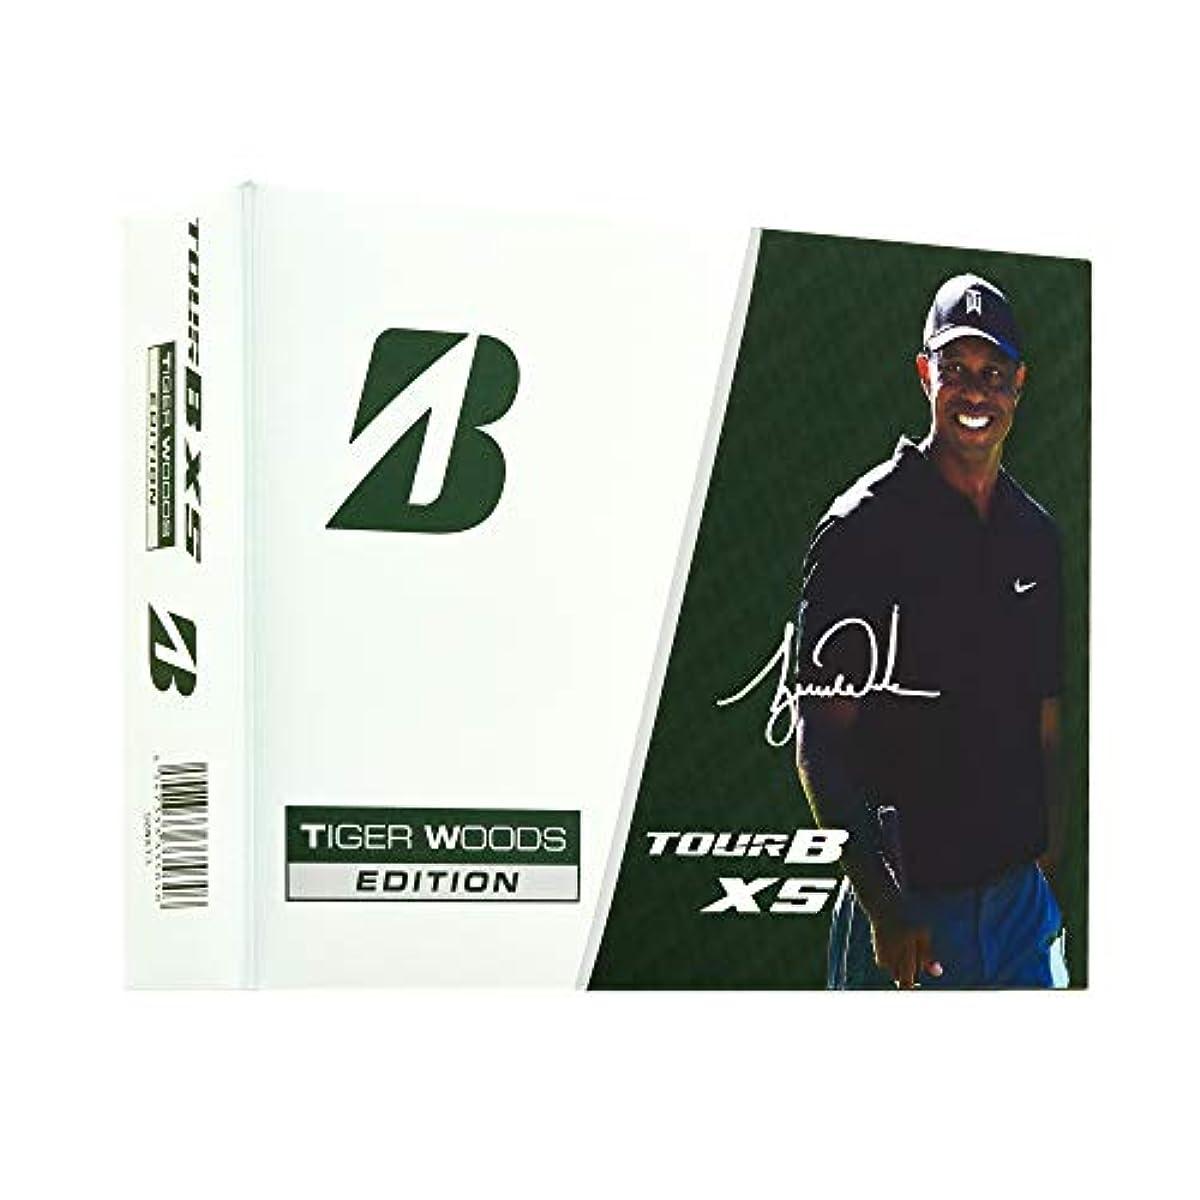 [해외] BRIDGESTONE(브리지스톤)골프 볼TOUR B XS 2020년 모델 TIGER WOODS EDITION3